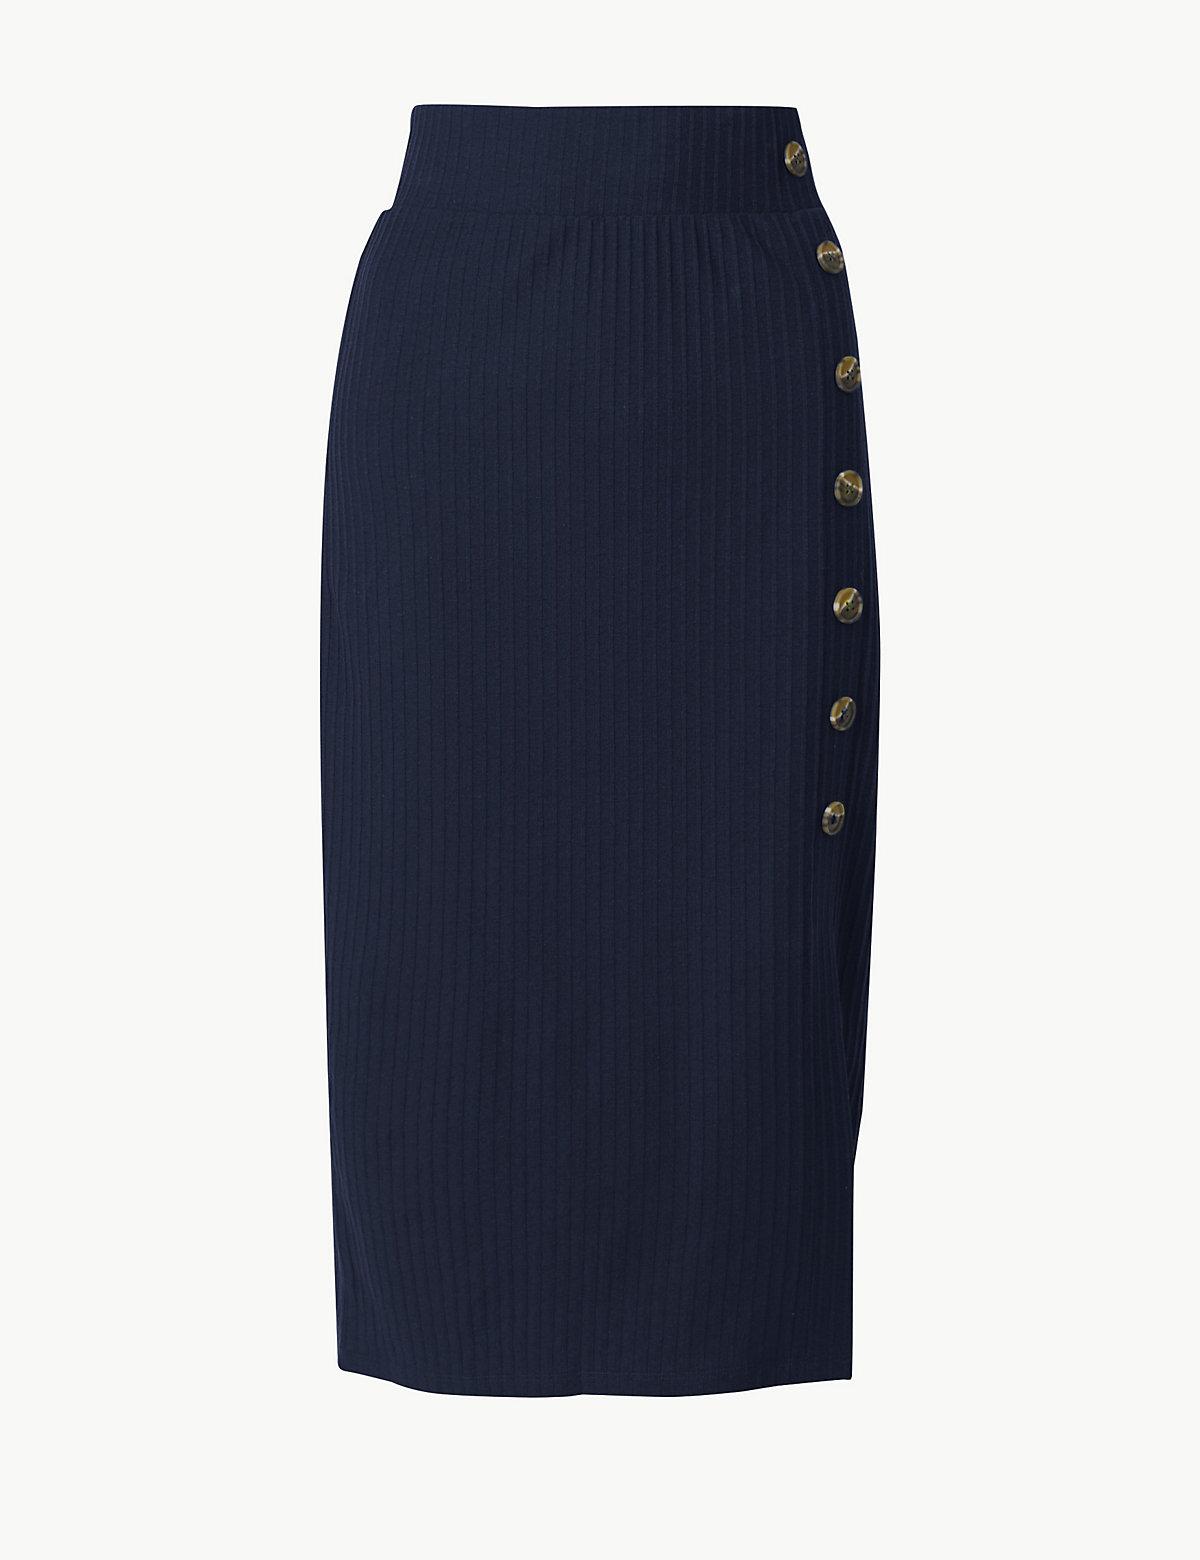 Фактурная юбка А-силуэта с большими пуговицами M&S Collection. Цвет: темно-синий